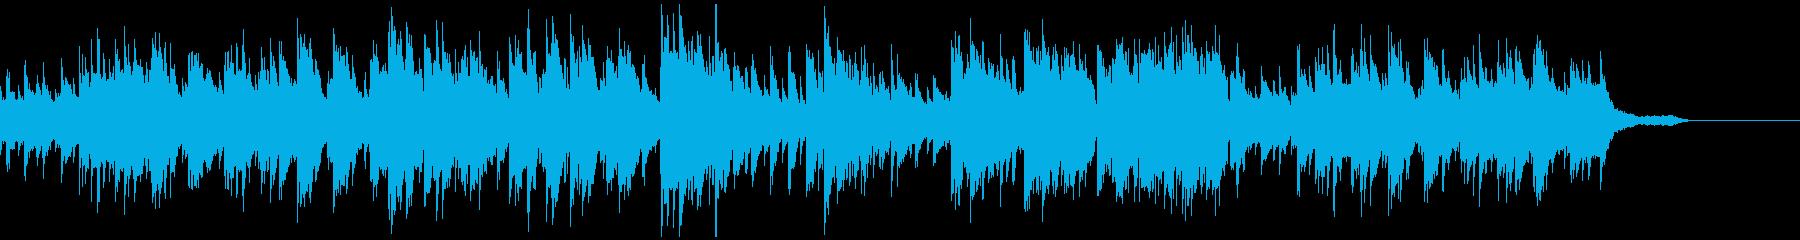 神秘的なオルゴールとピアノのワルツの再生済みの波形